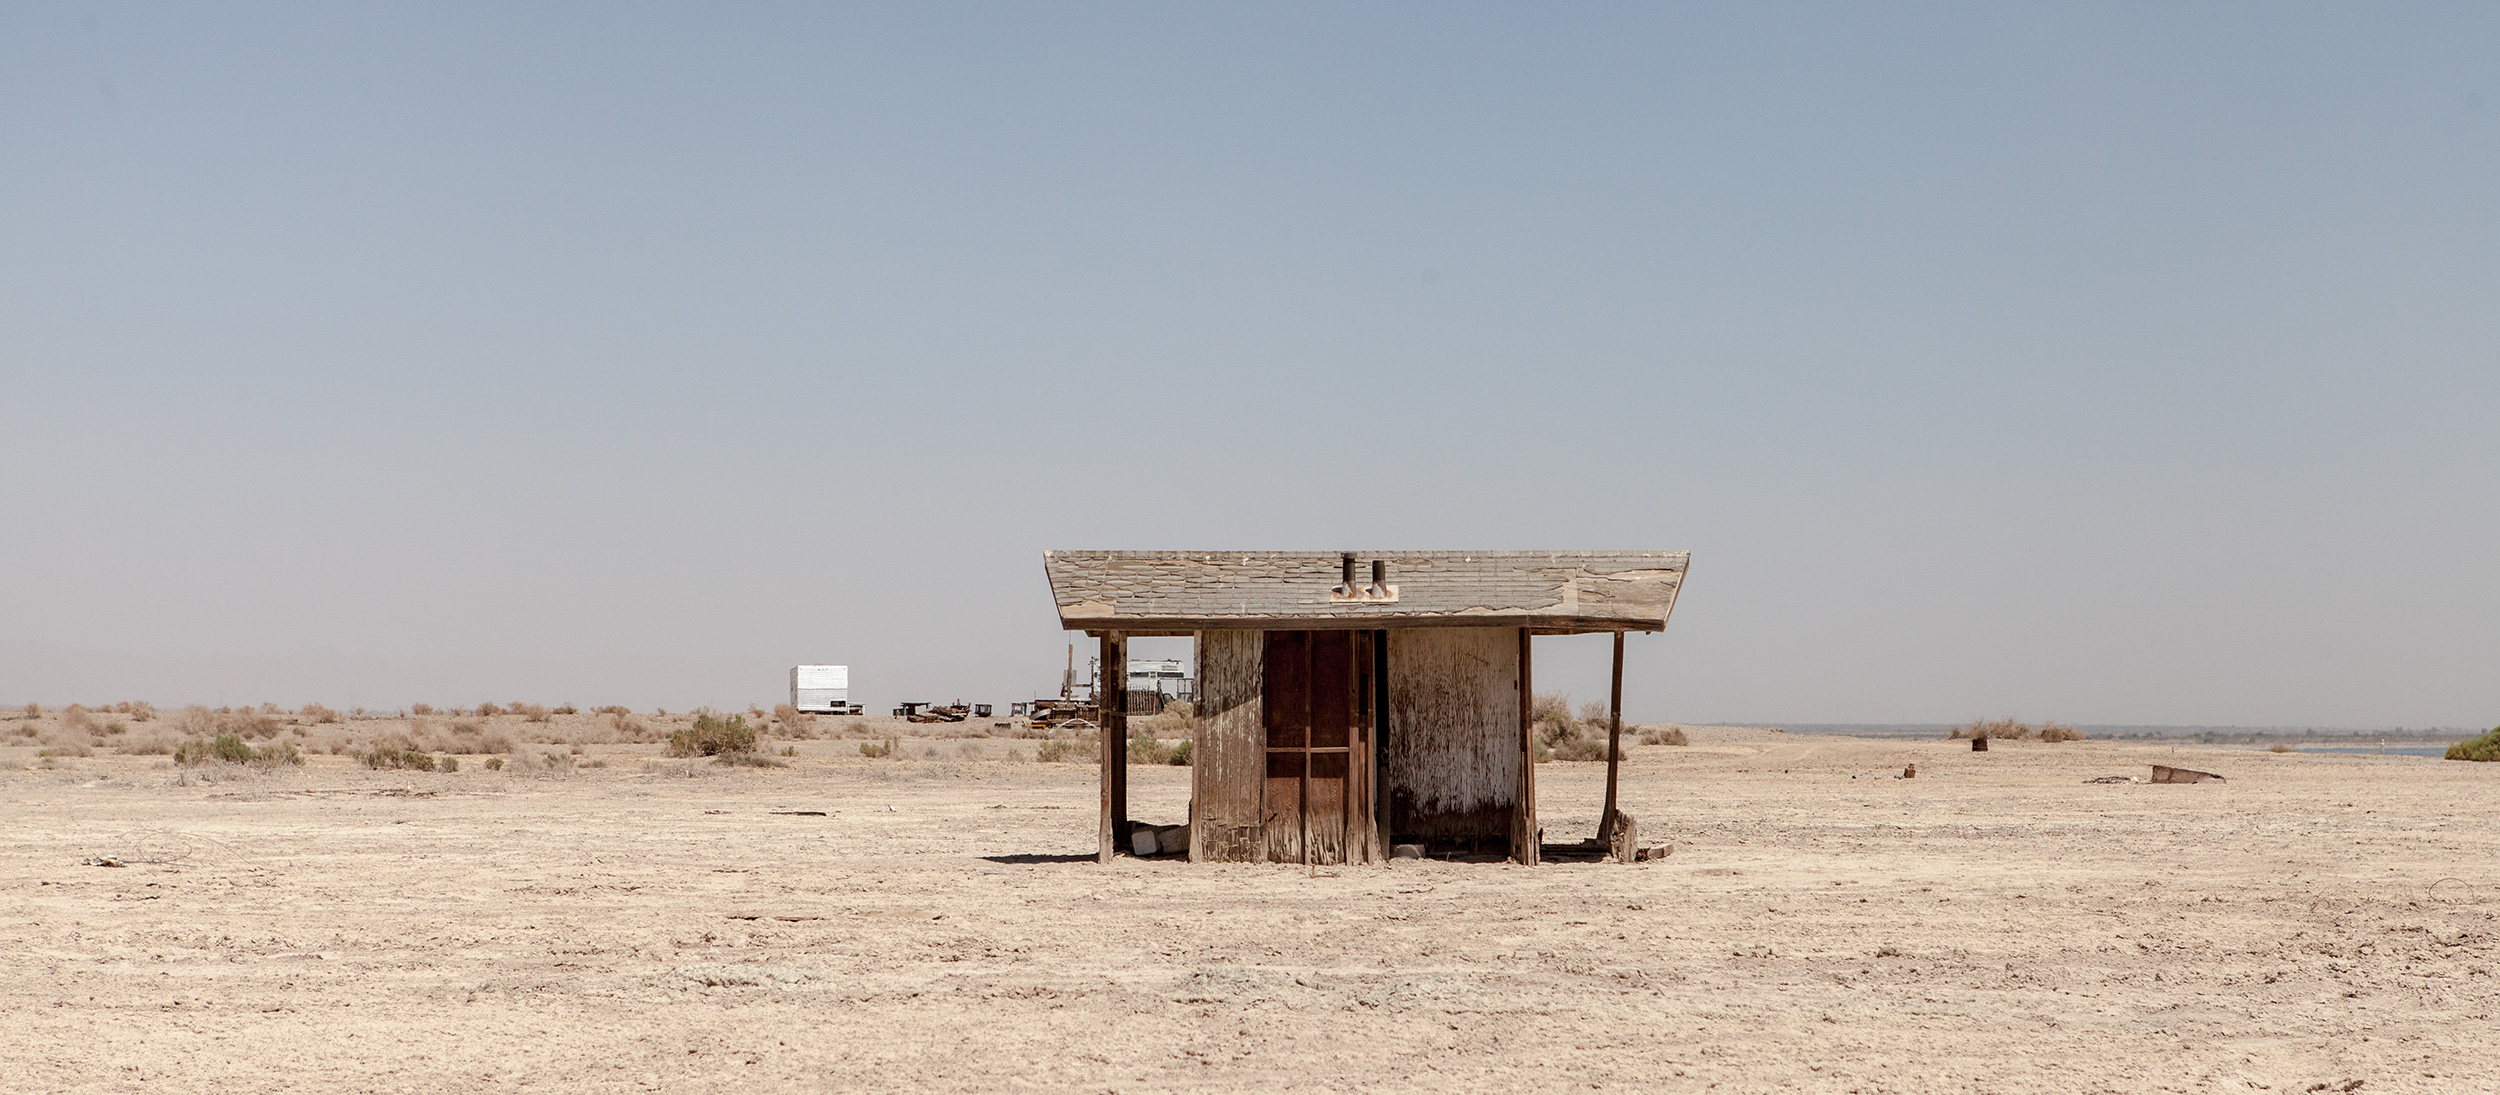 Salton Sea 1 - CA.jpg